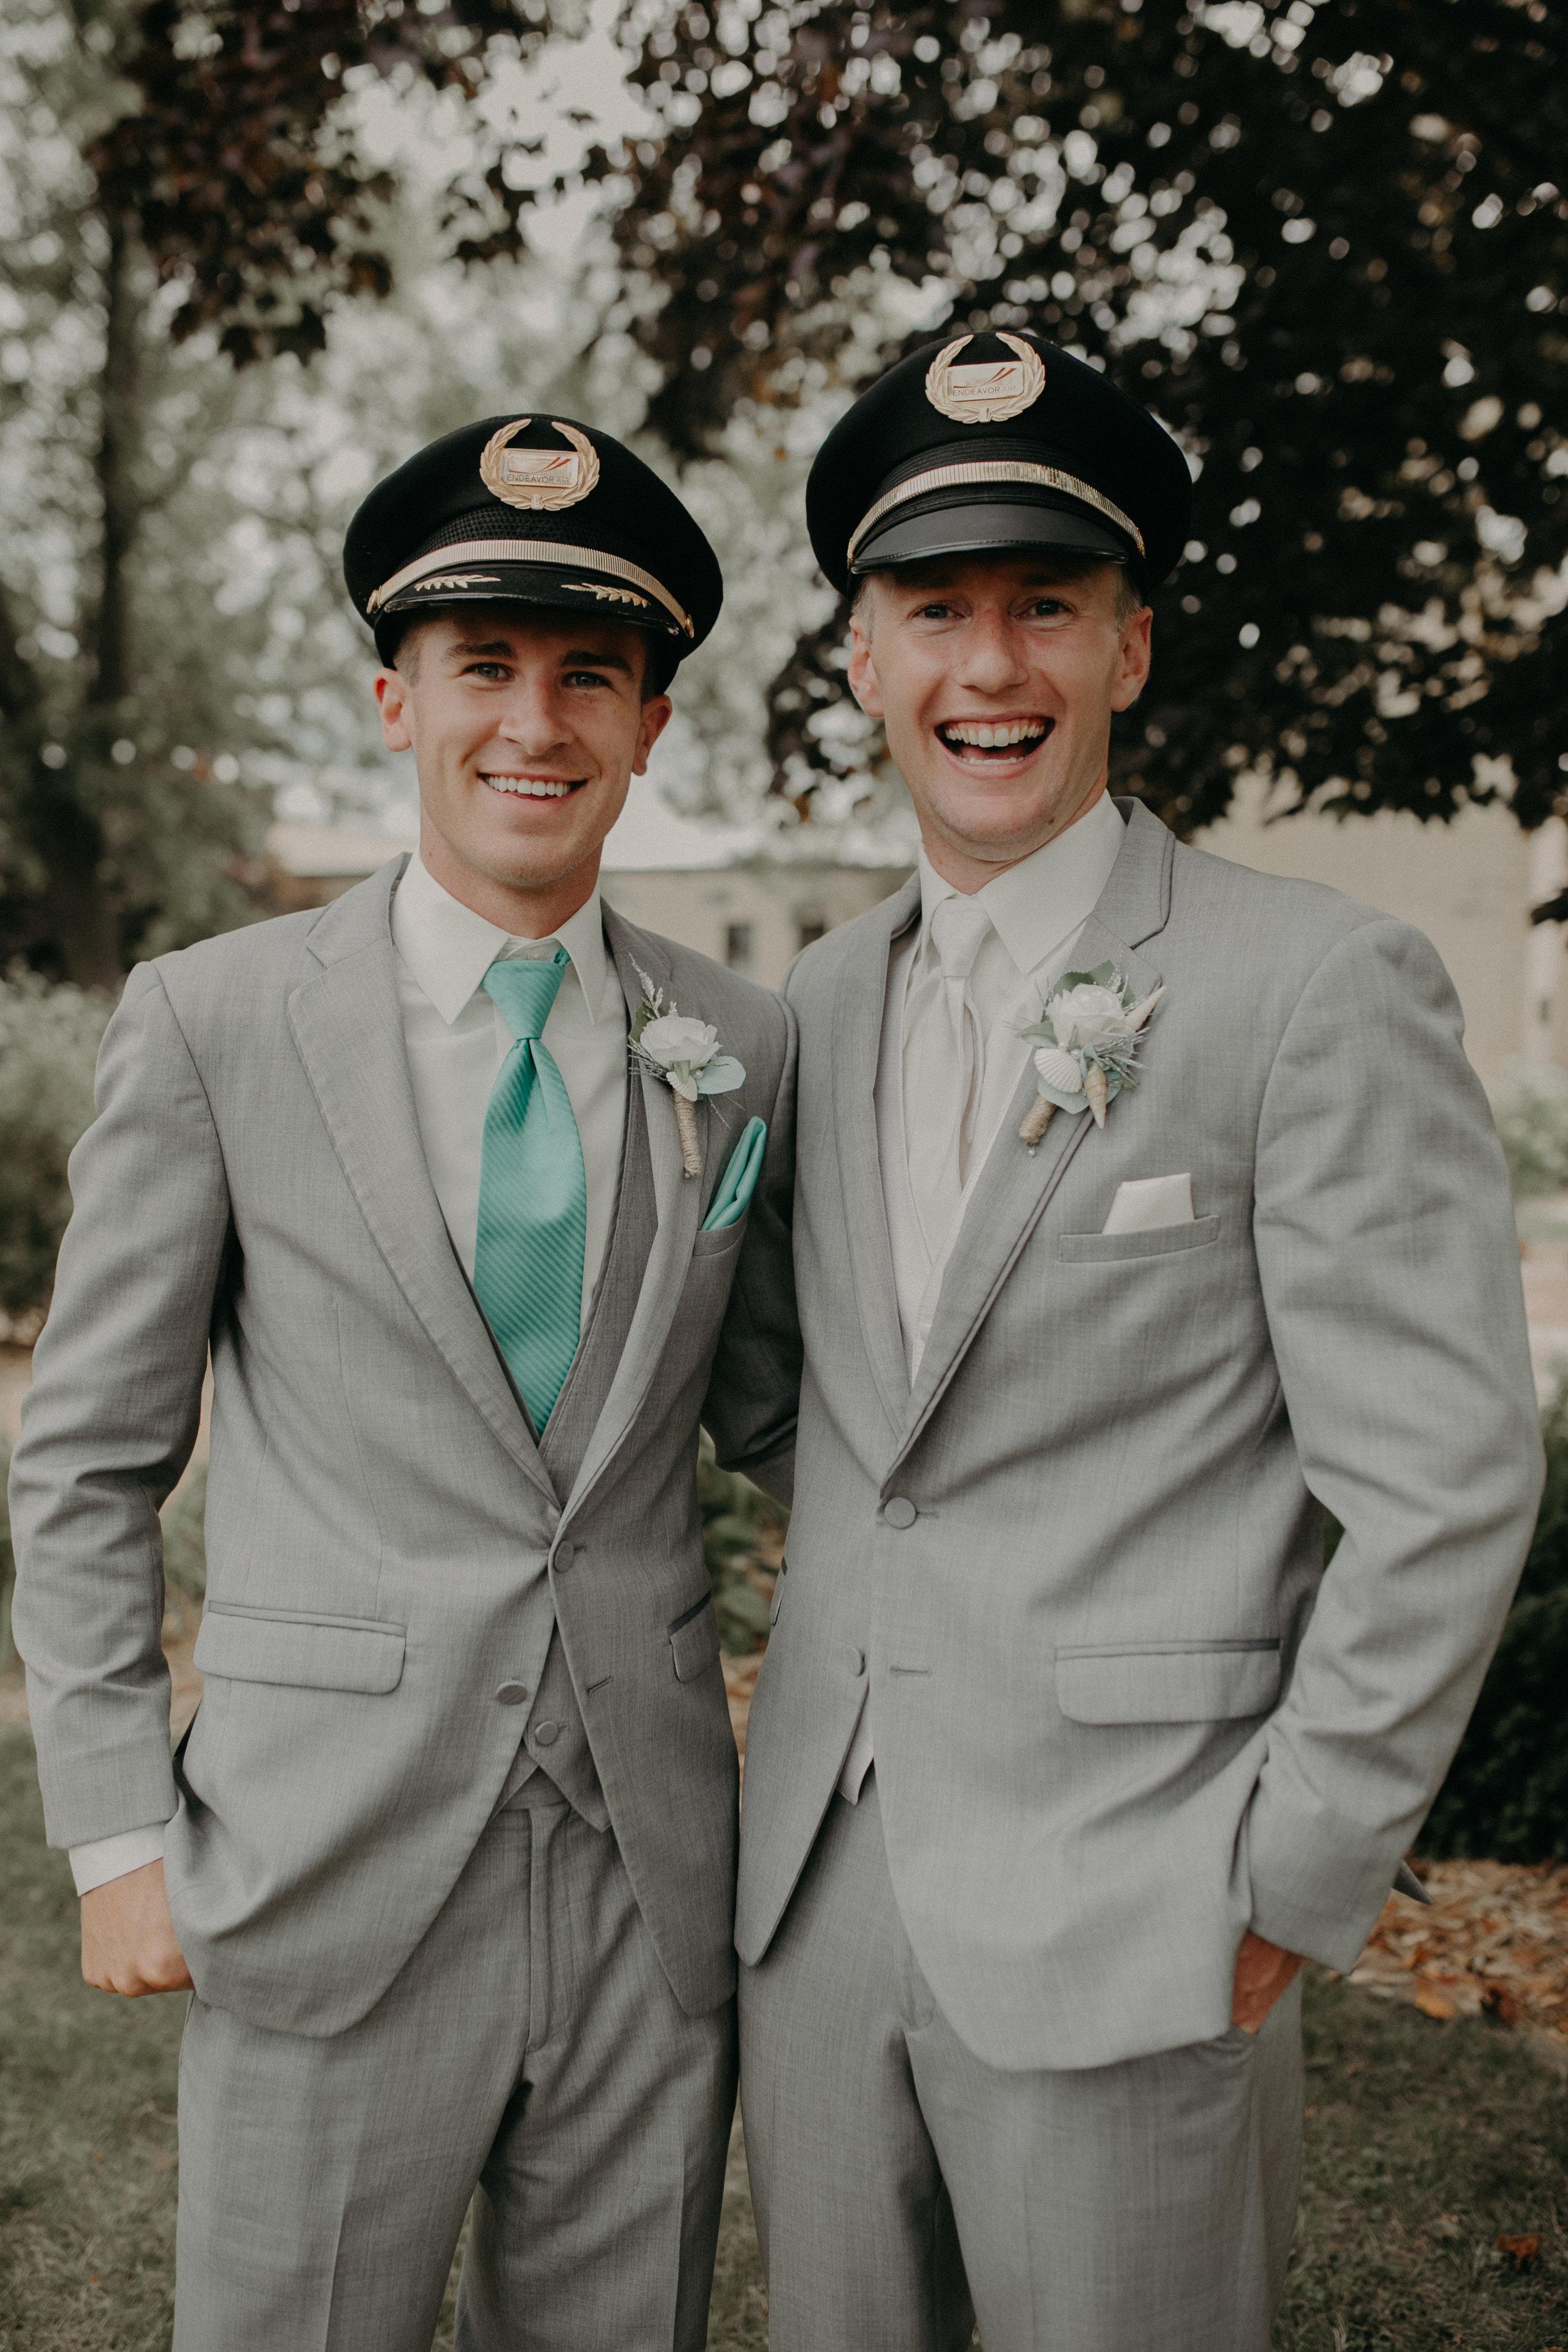 stargardt-lens-pilots-marshfield-wedding